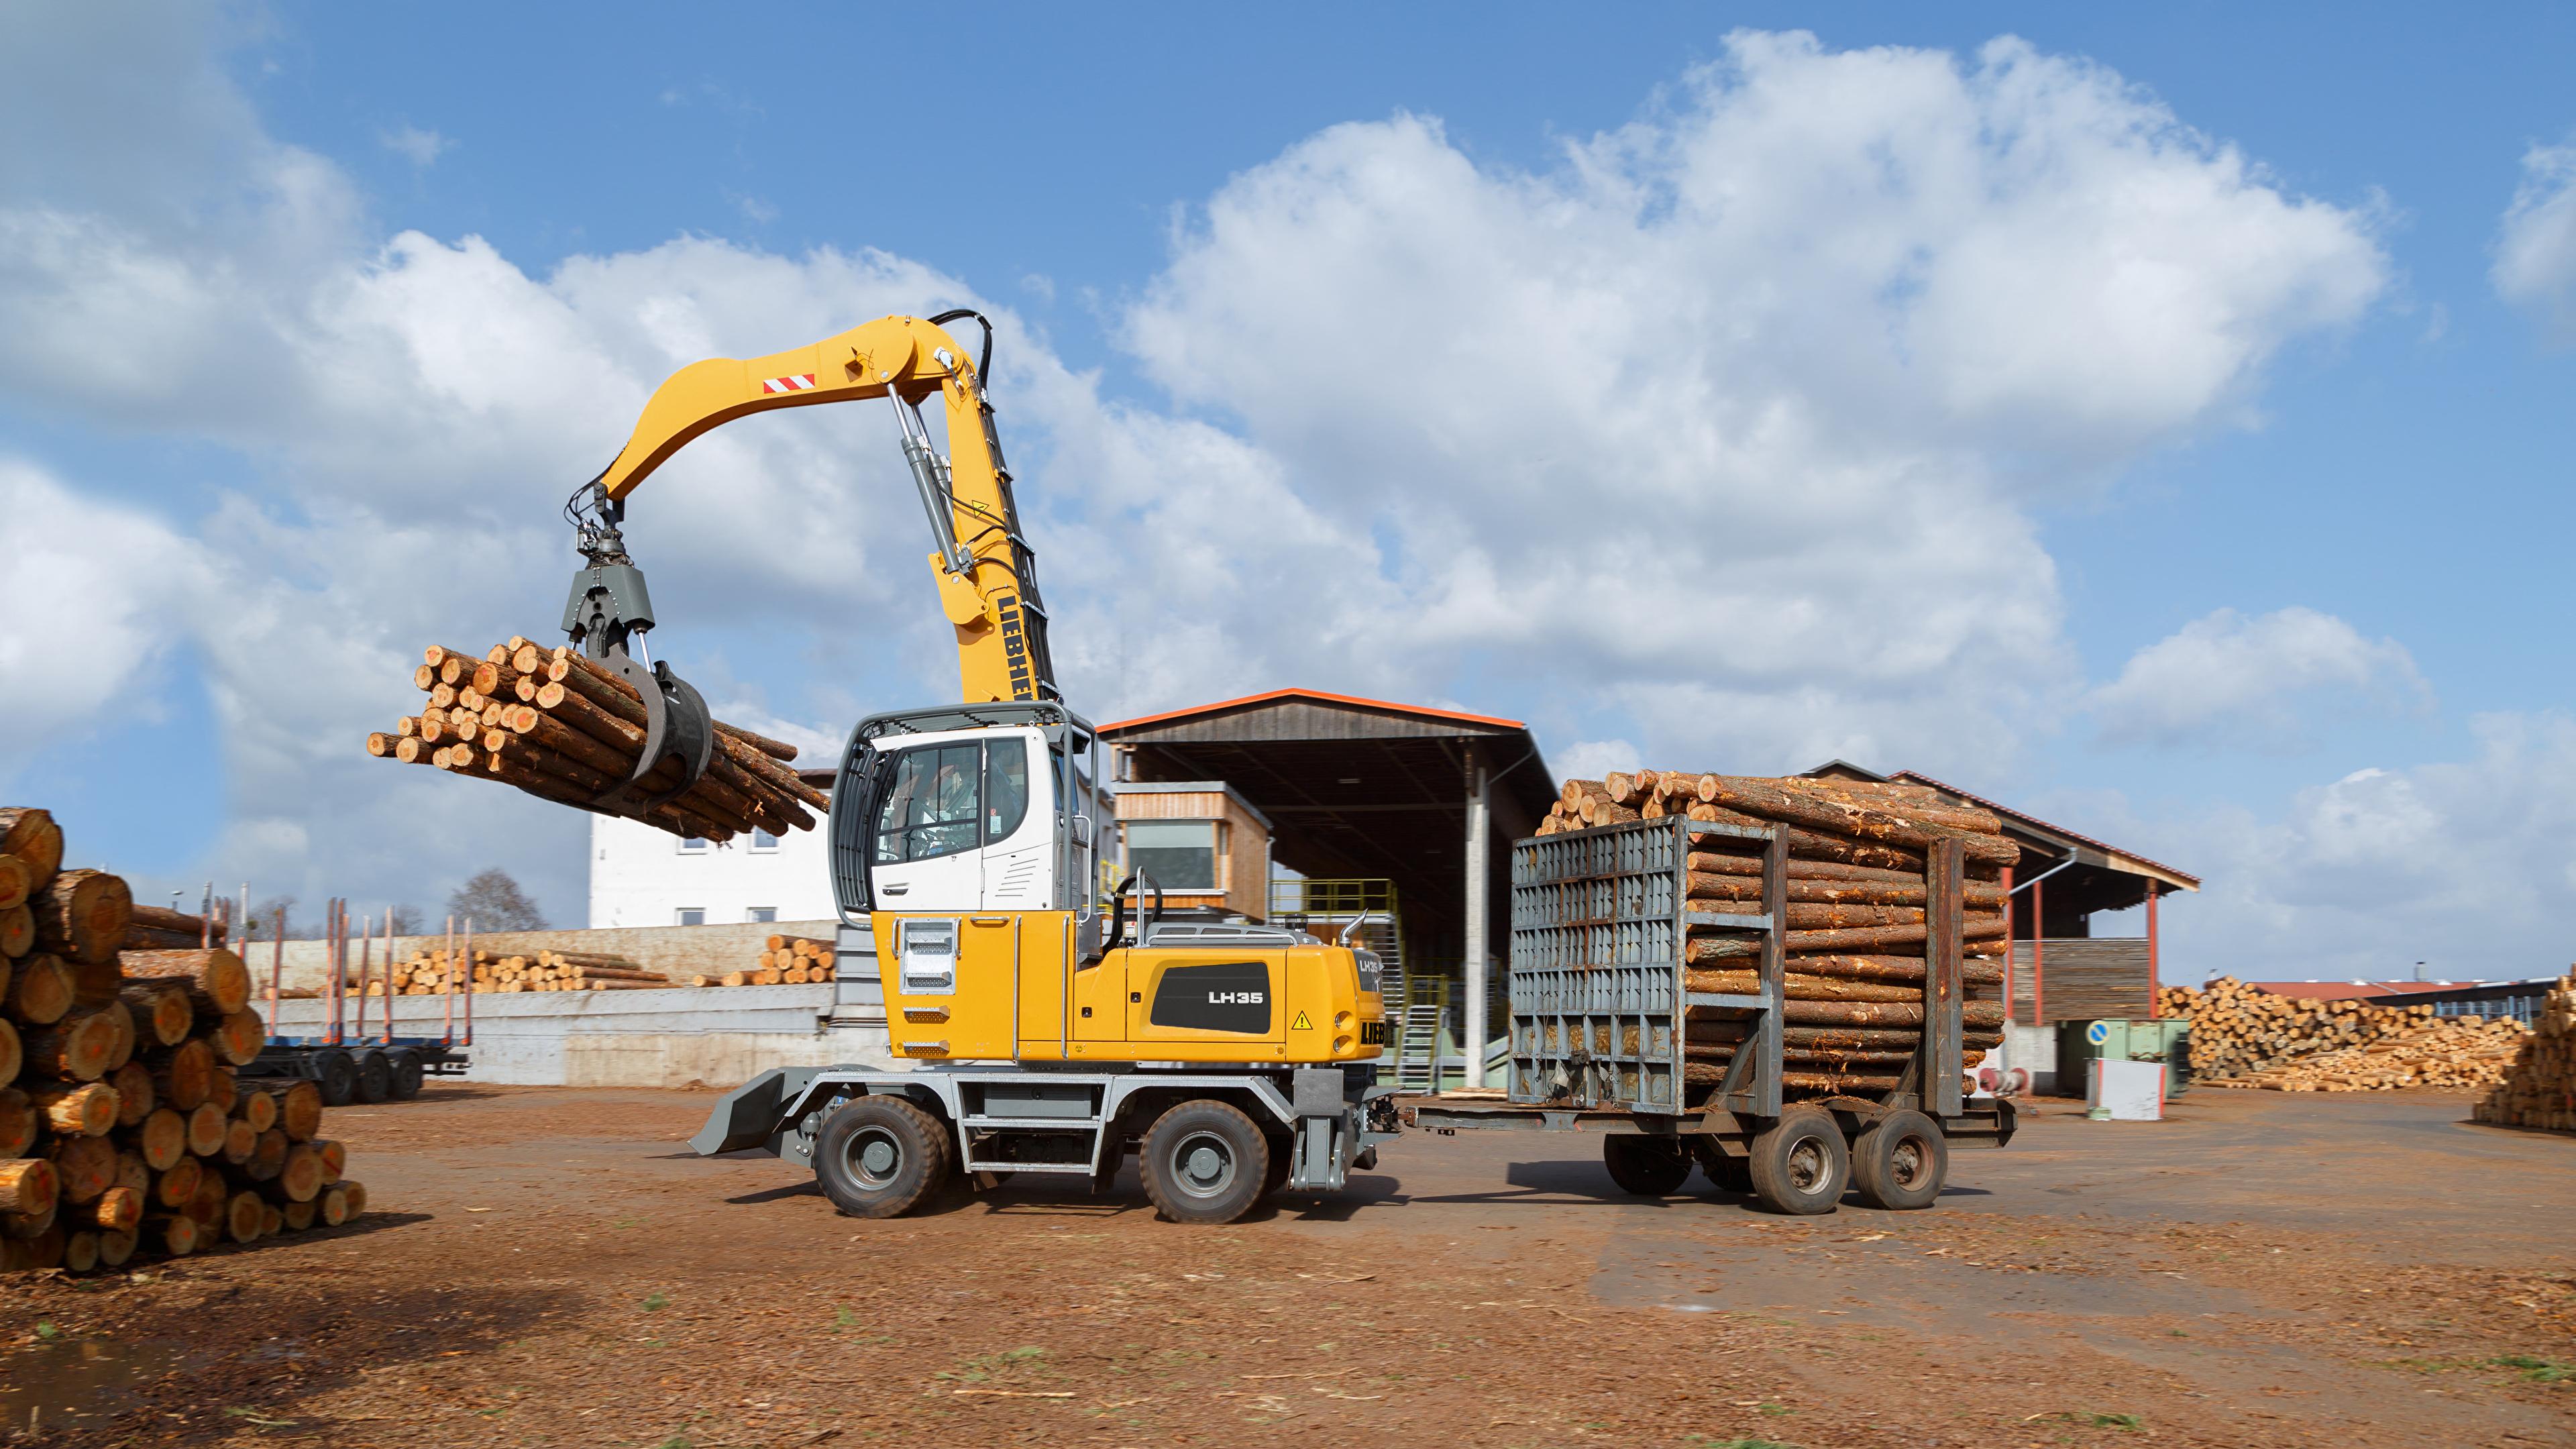 Обои для рабочего стола Форвардер 2015-17 Liebherr LH 35 M Timber Litronic Бревна 3840x2160 бревно